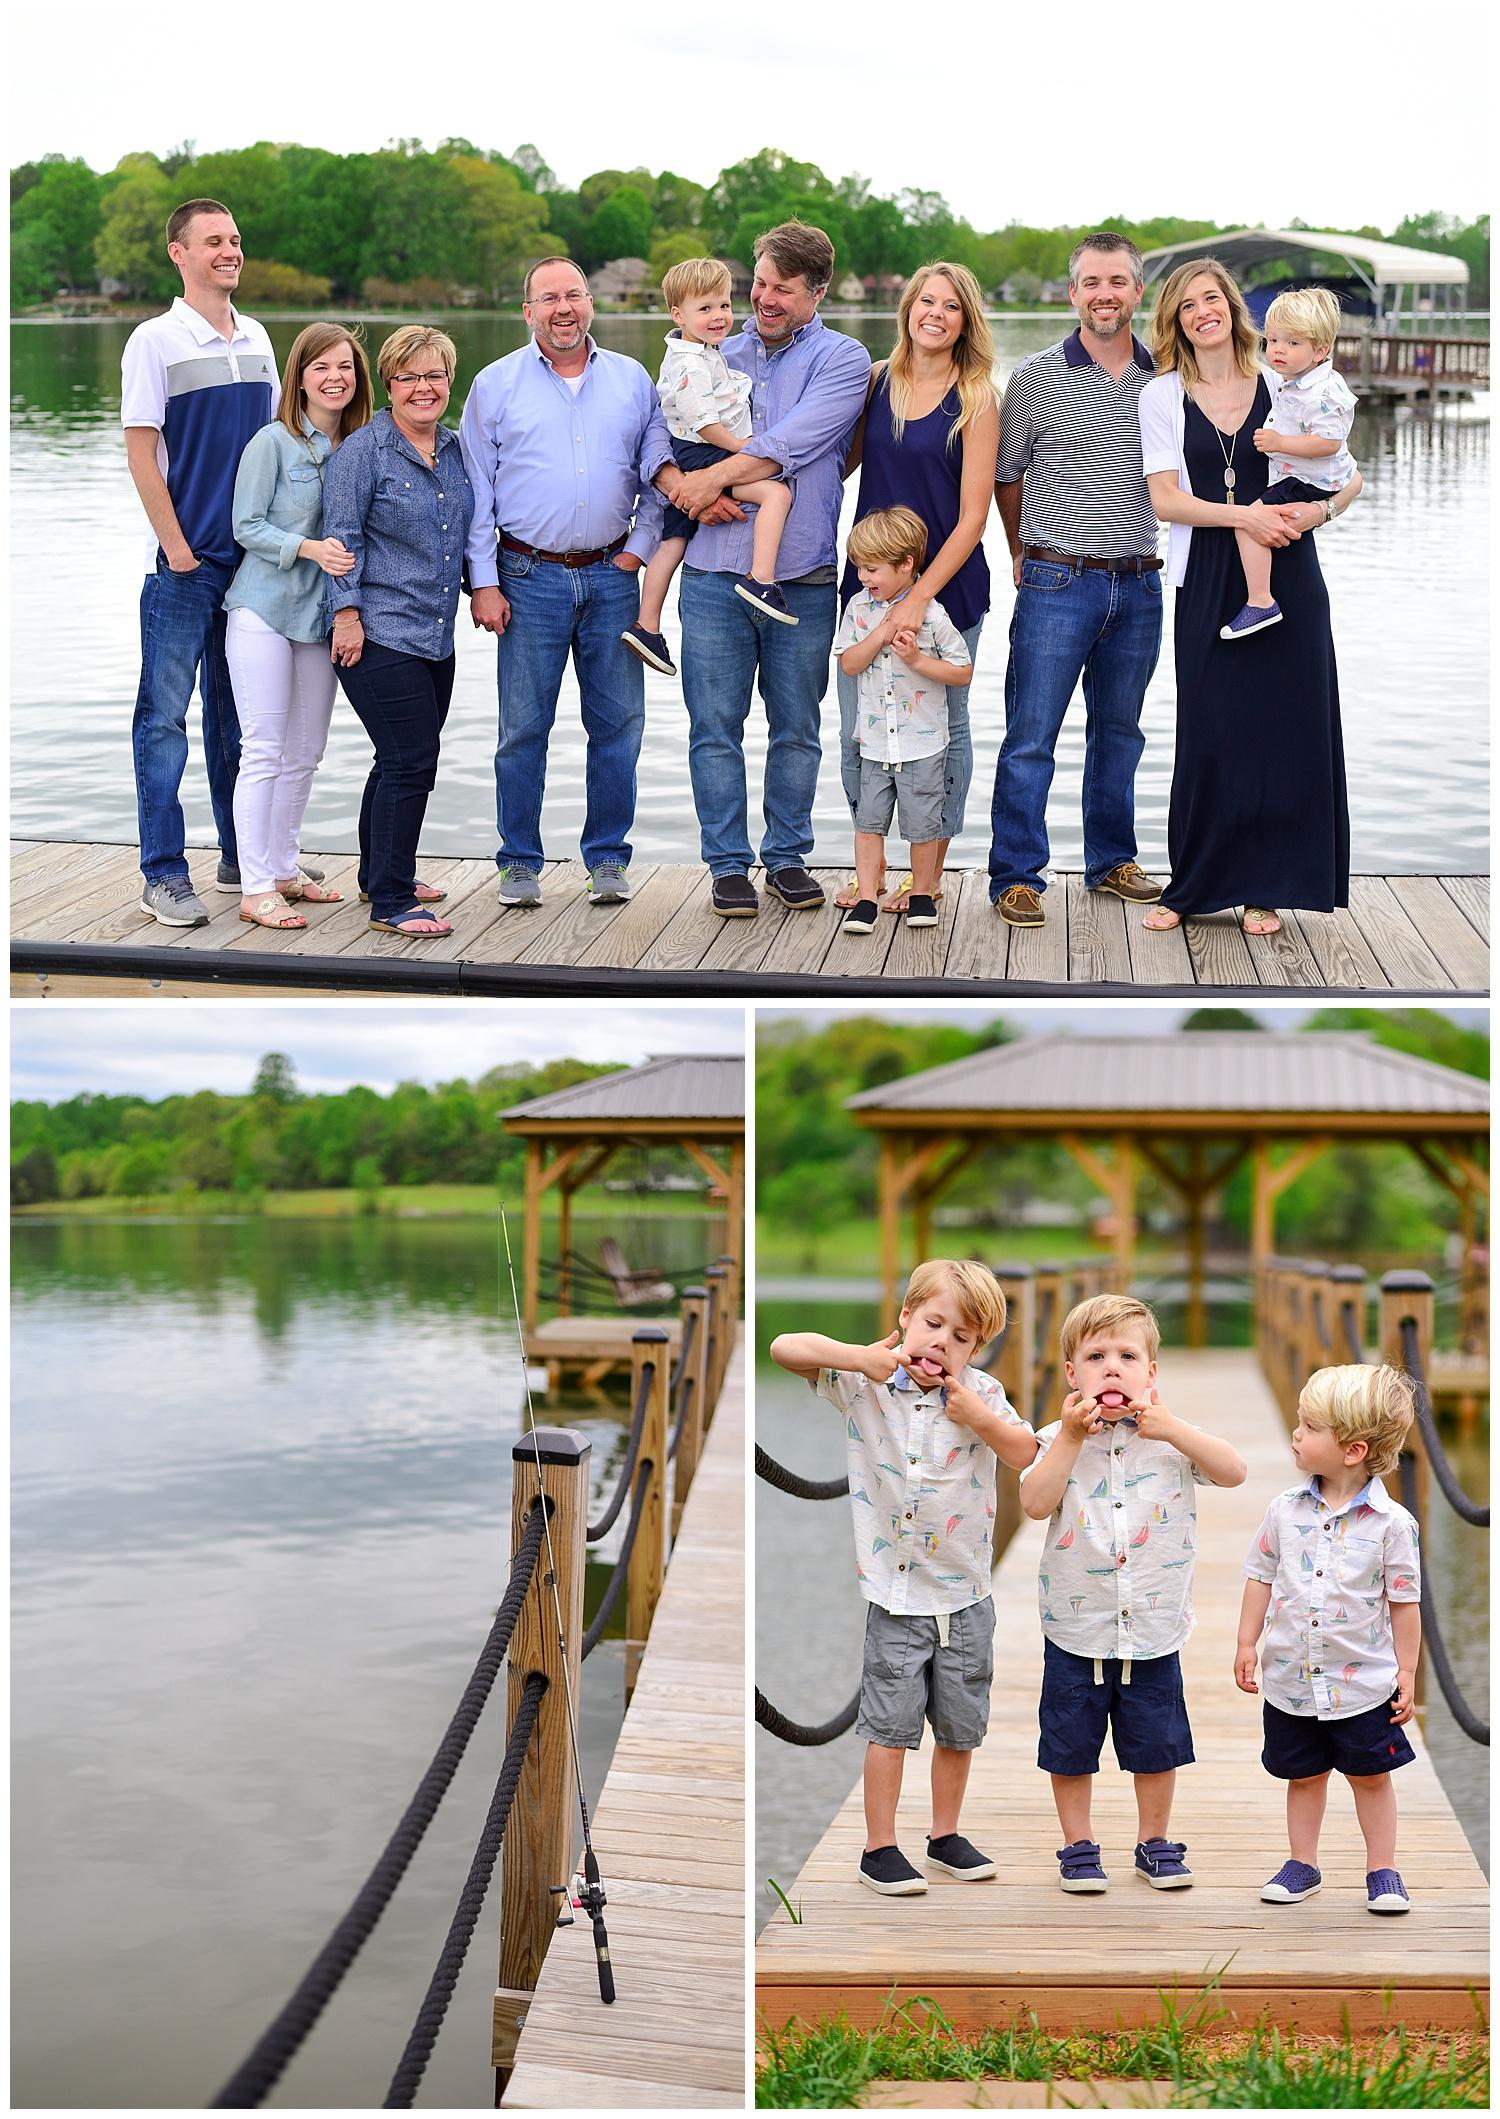 Lake House Photo Shoot